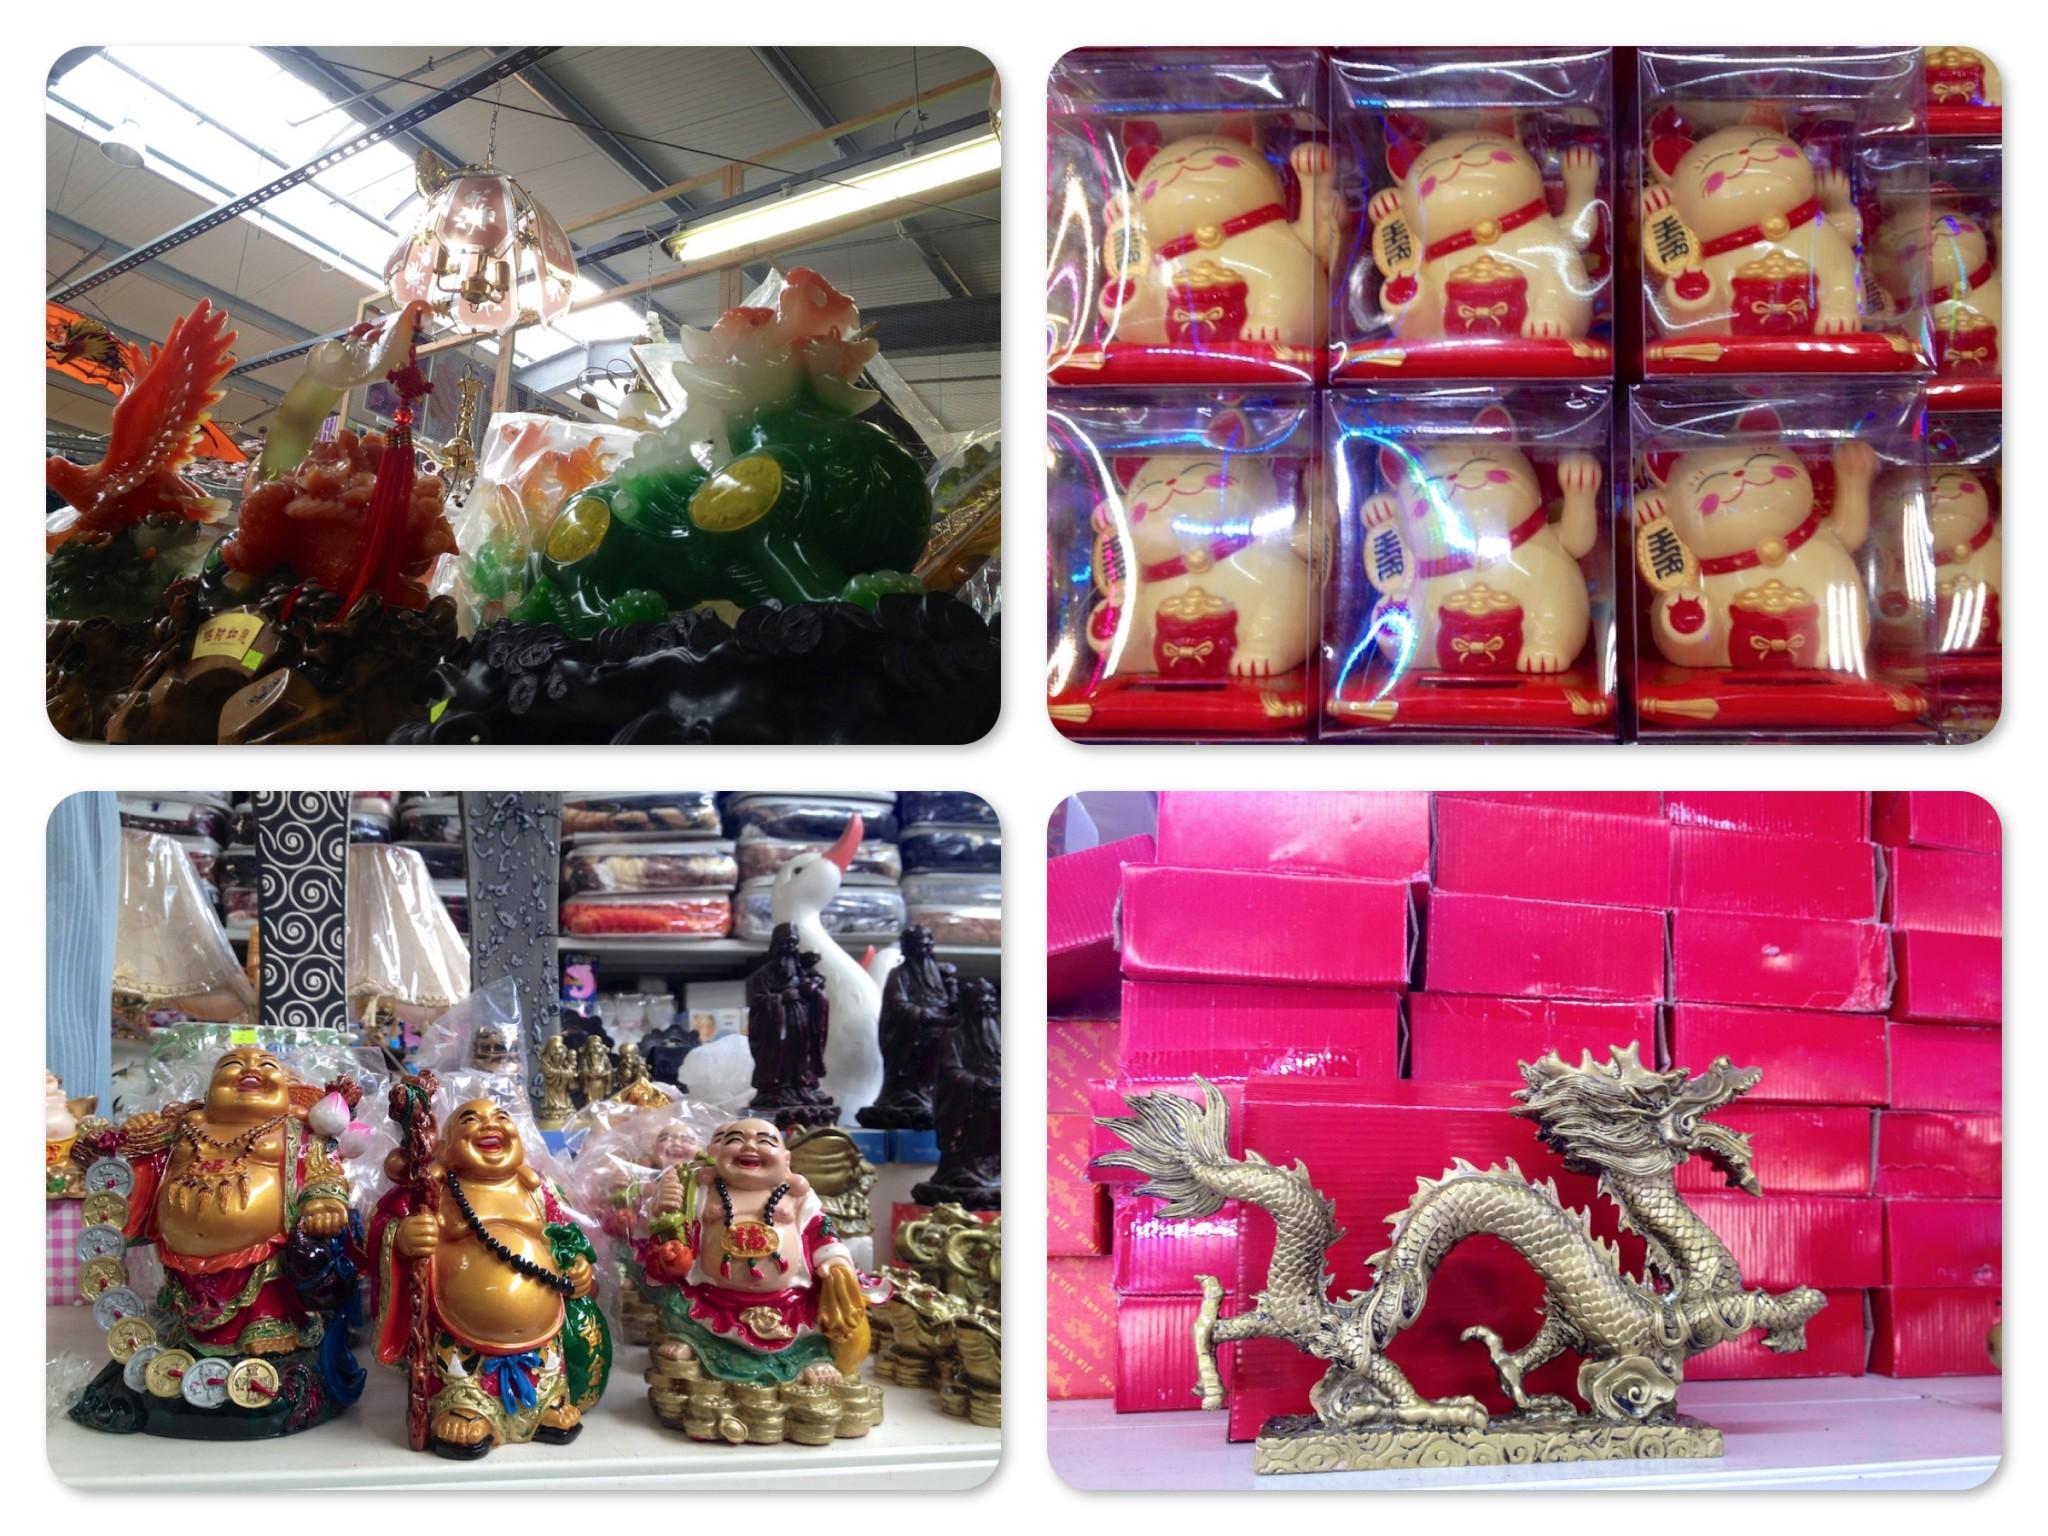 Seltener als gehofft lassen sich typisch asiatische Produkte entdecken.